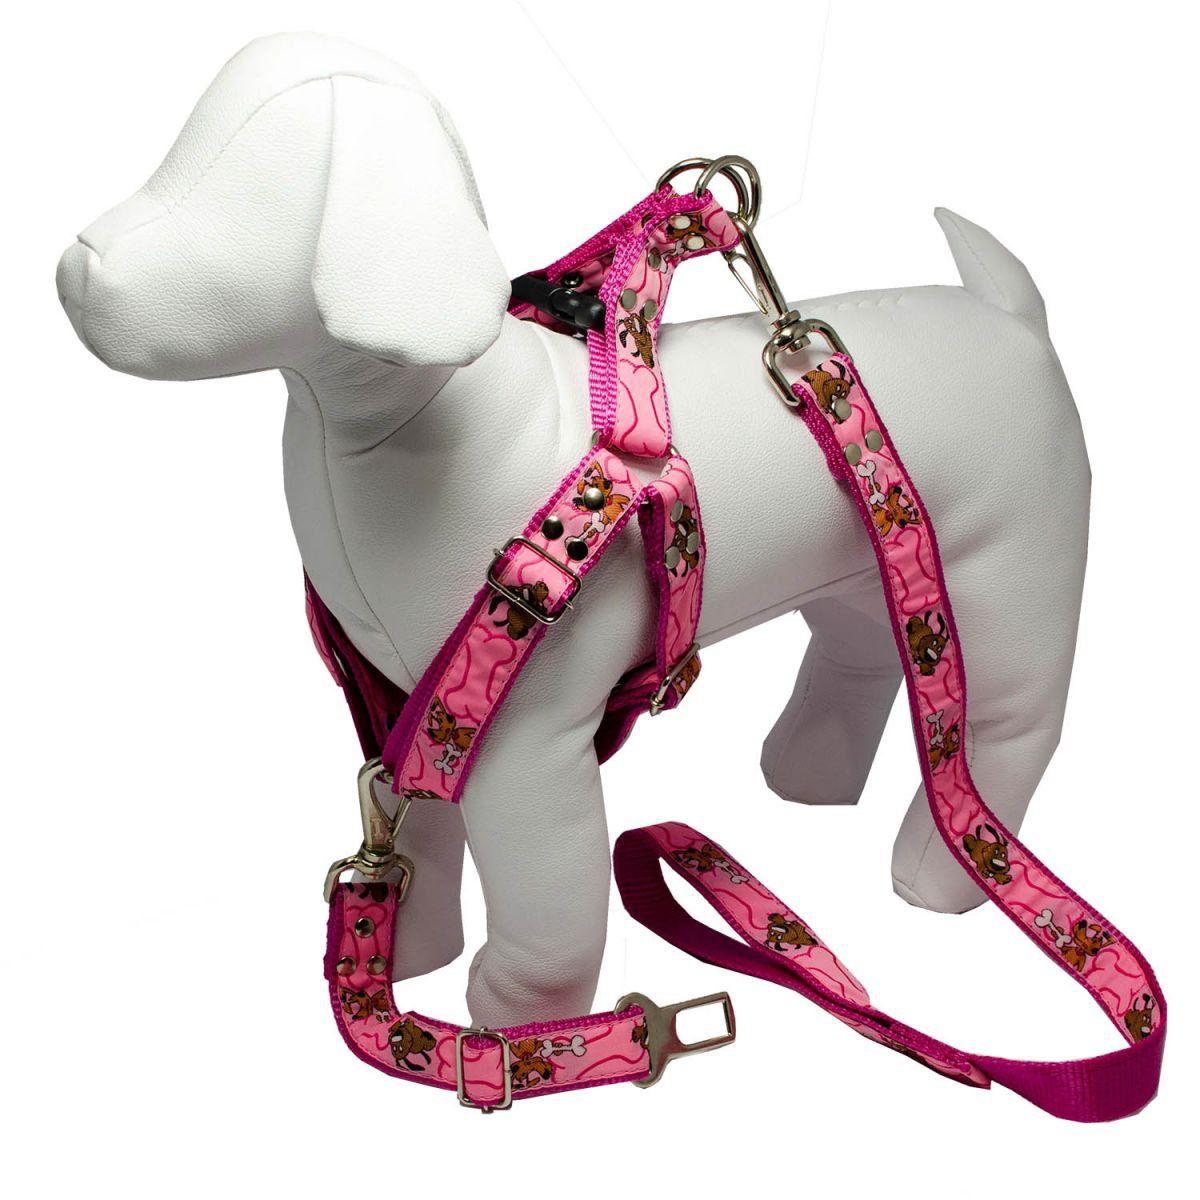 Kit 2x Coleira Peitoral Cachorro Guia Adaptador Cinto Segurança Tamanho P - Cores Rosa e Preta